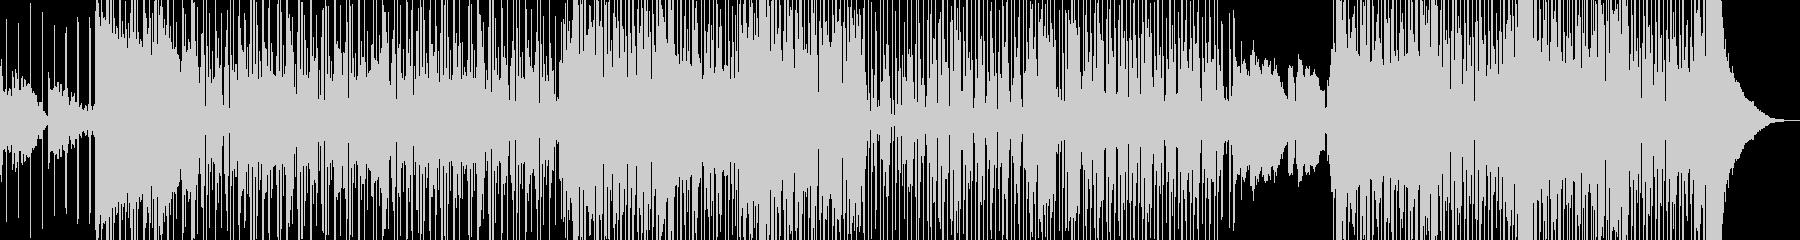 オシャレR&B・後半リズム変化・シンセ無の未再生の波形